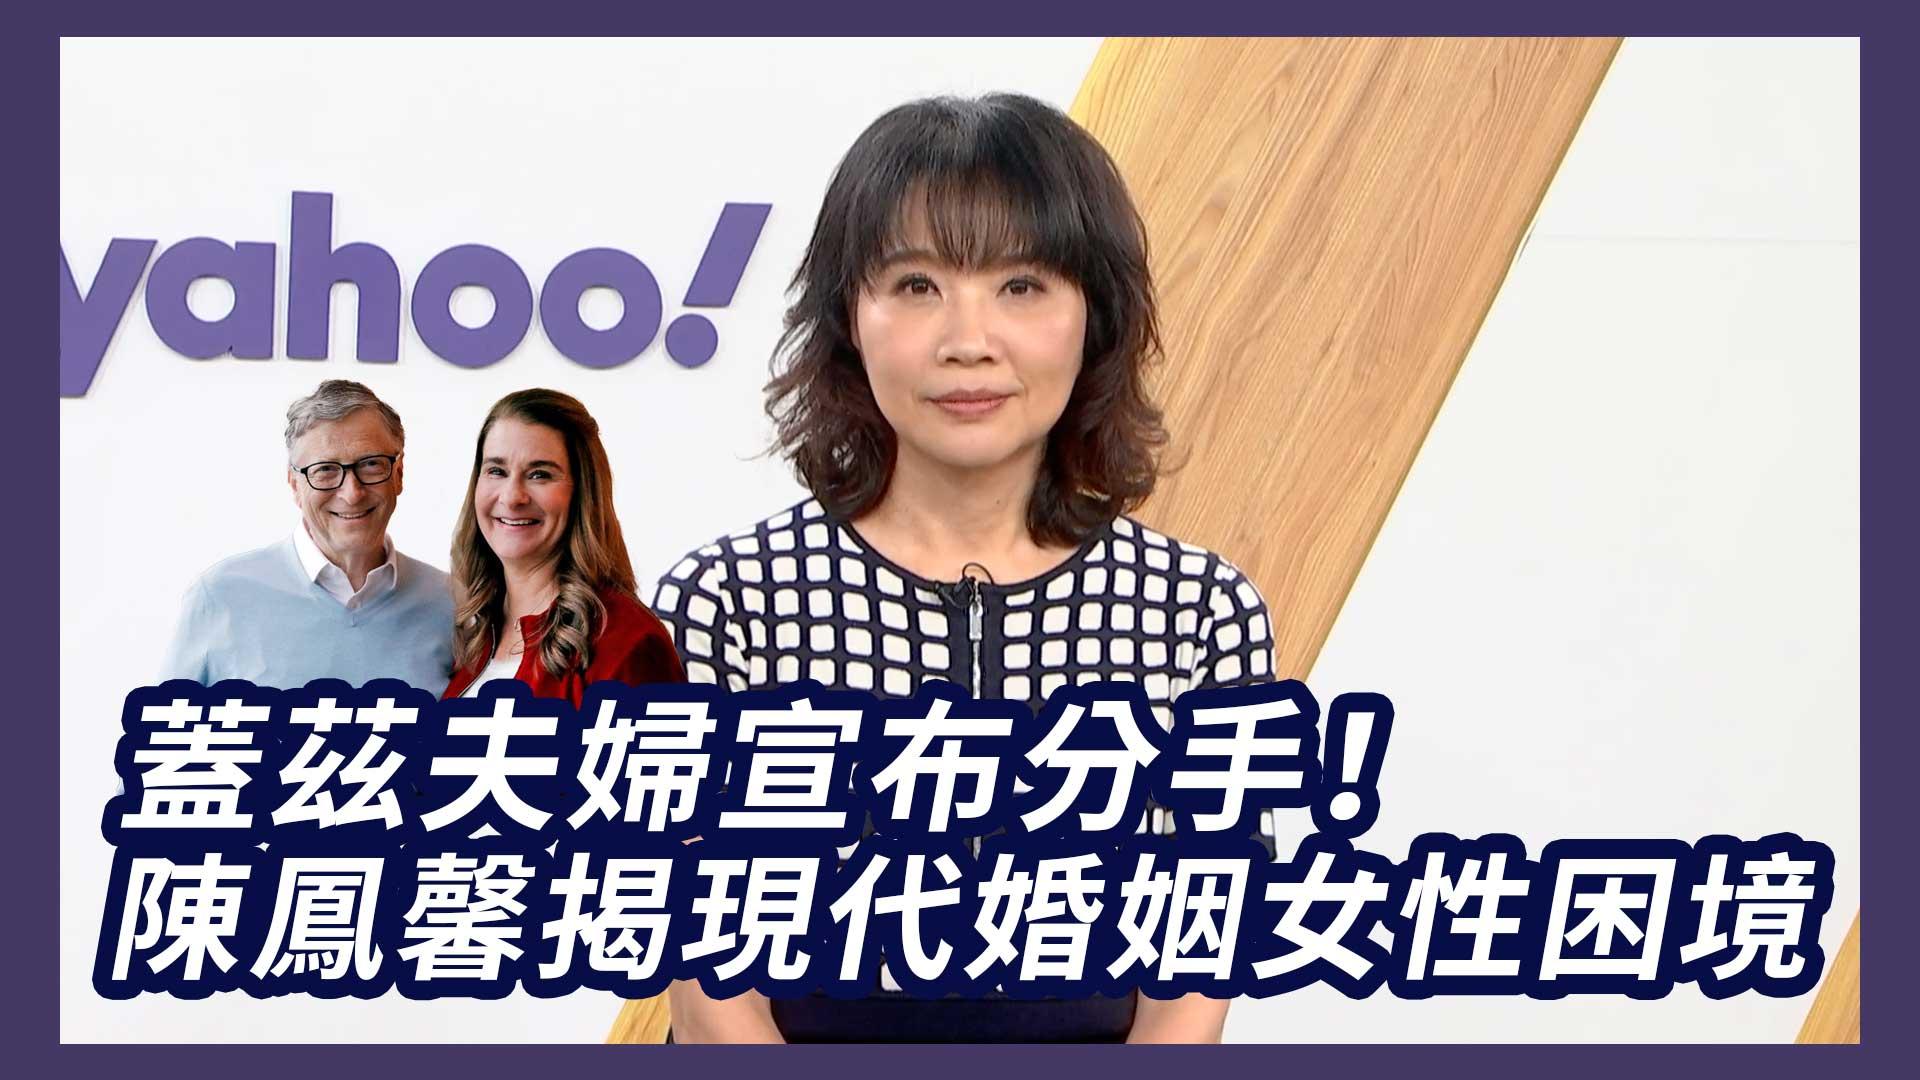 抹去蓋茲姓氏的梅琳達 陳鳳馨:給男人們上了最好的一堂課